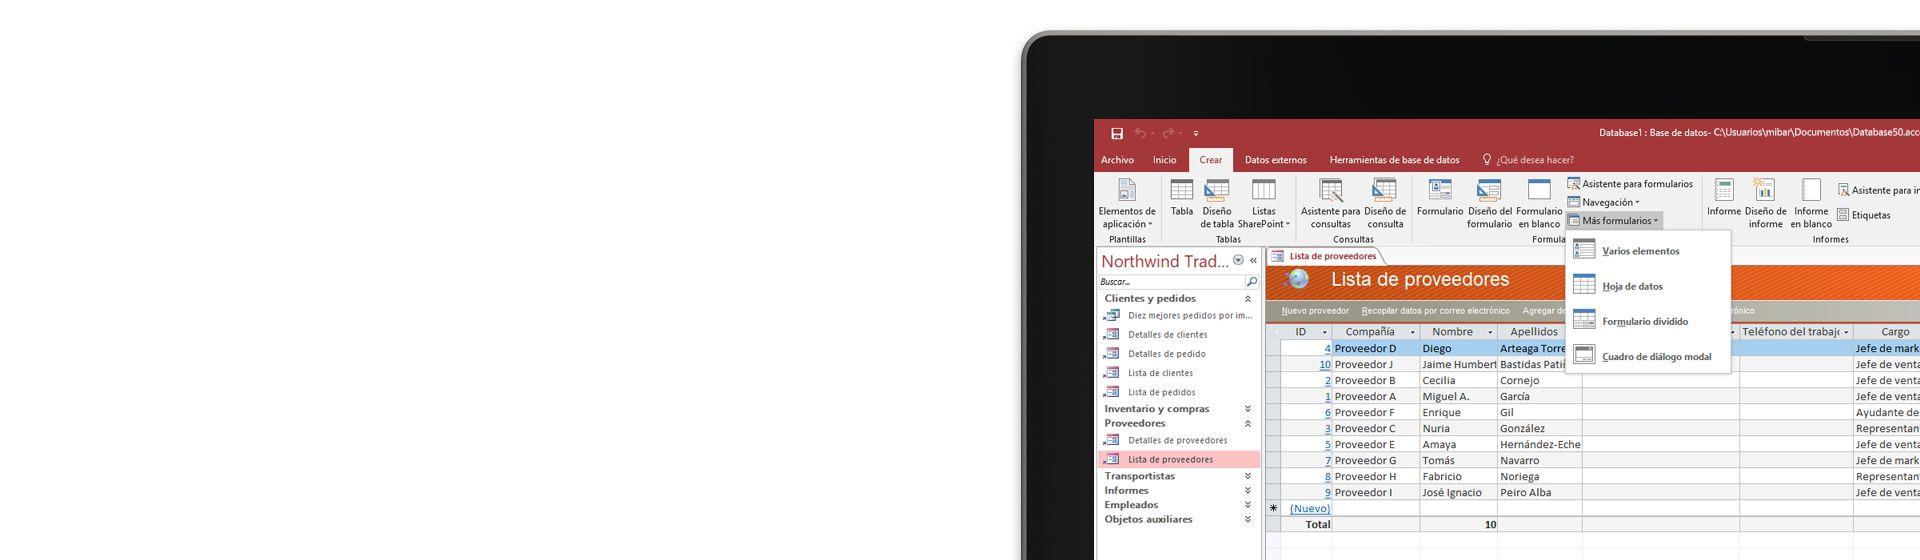 La esquina de la pantalla de un equipo donde se muestra una lista de proveedores en una base de datos de Microsoft Access.